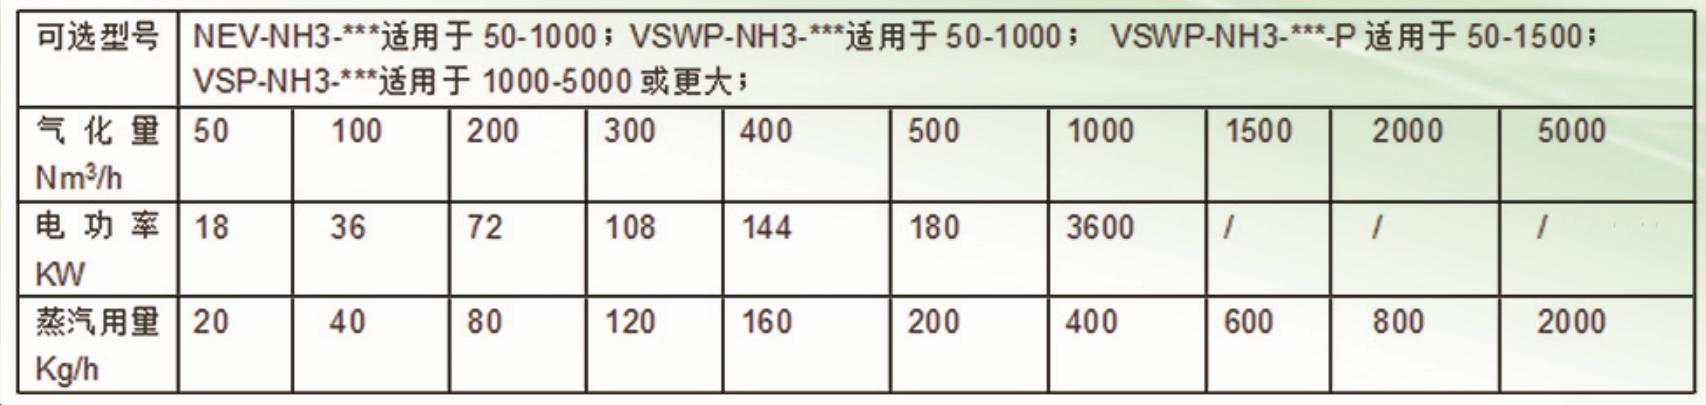 利来官方网站w66利来数据图.png